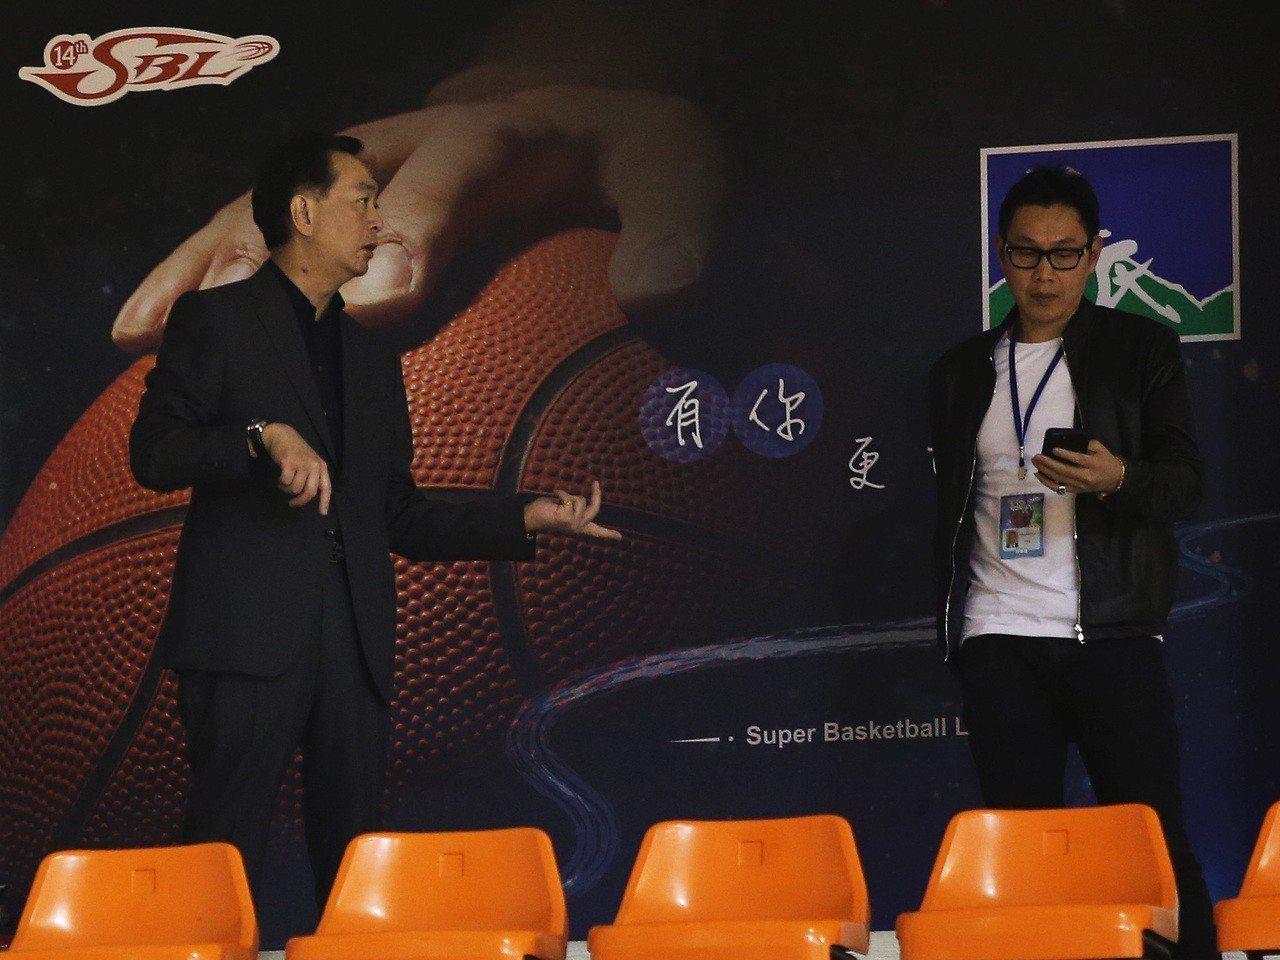 裕隆集團董事長嚴凱泰(左)今天也到場觀戰。 圖/中華籃協提供